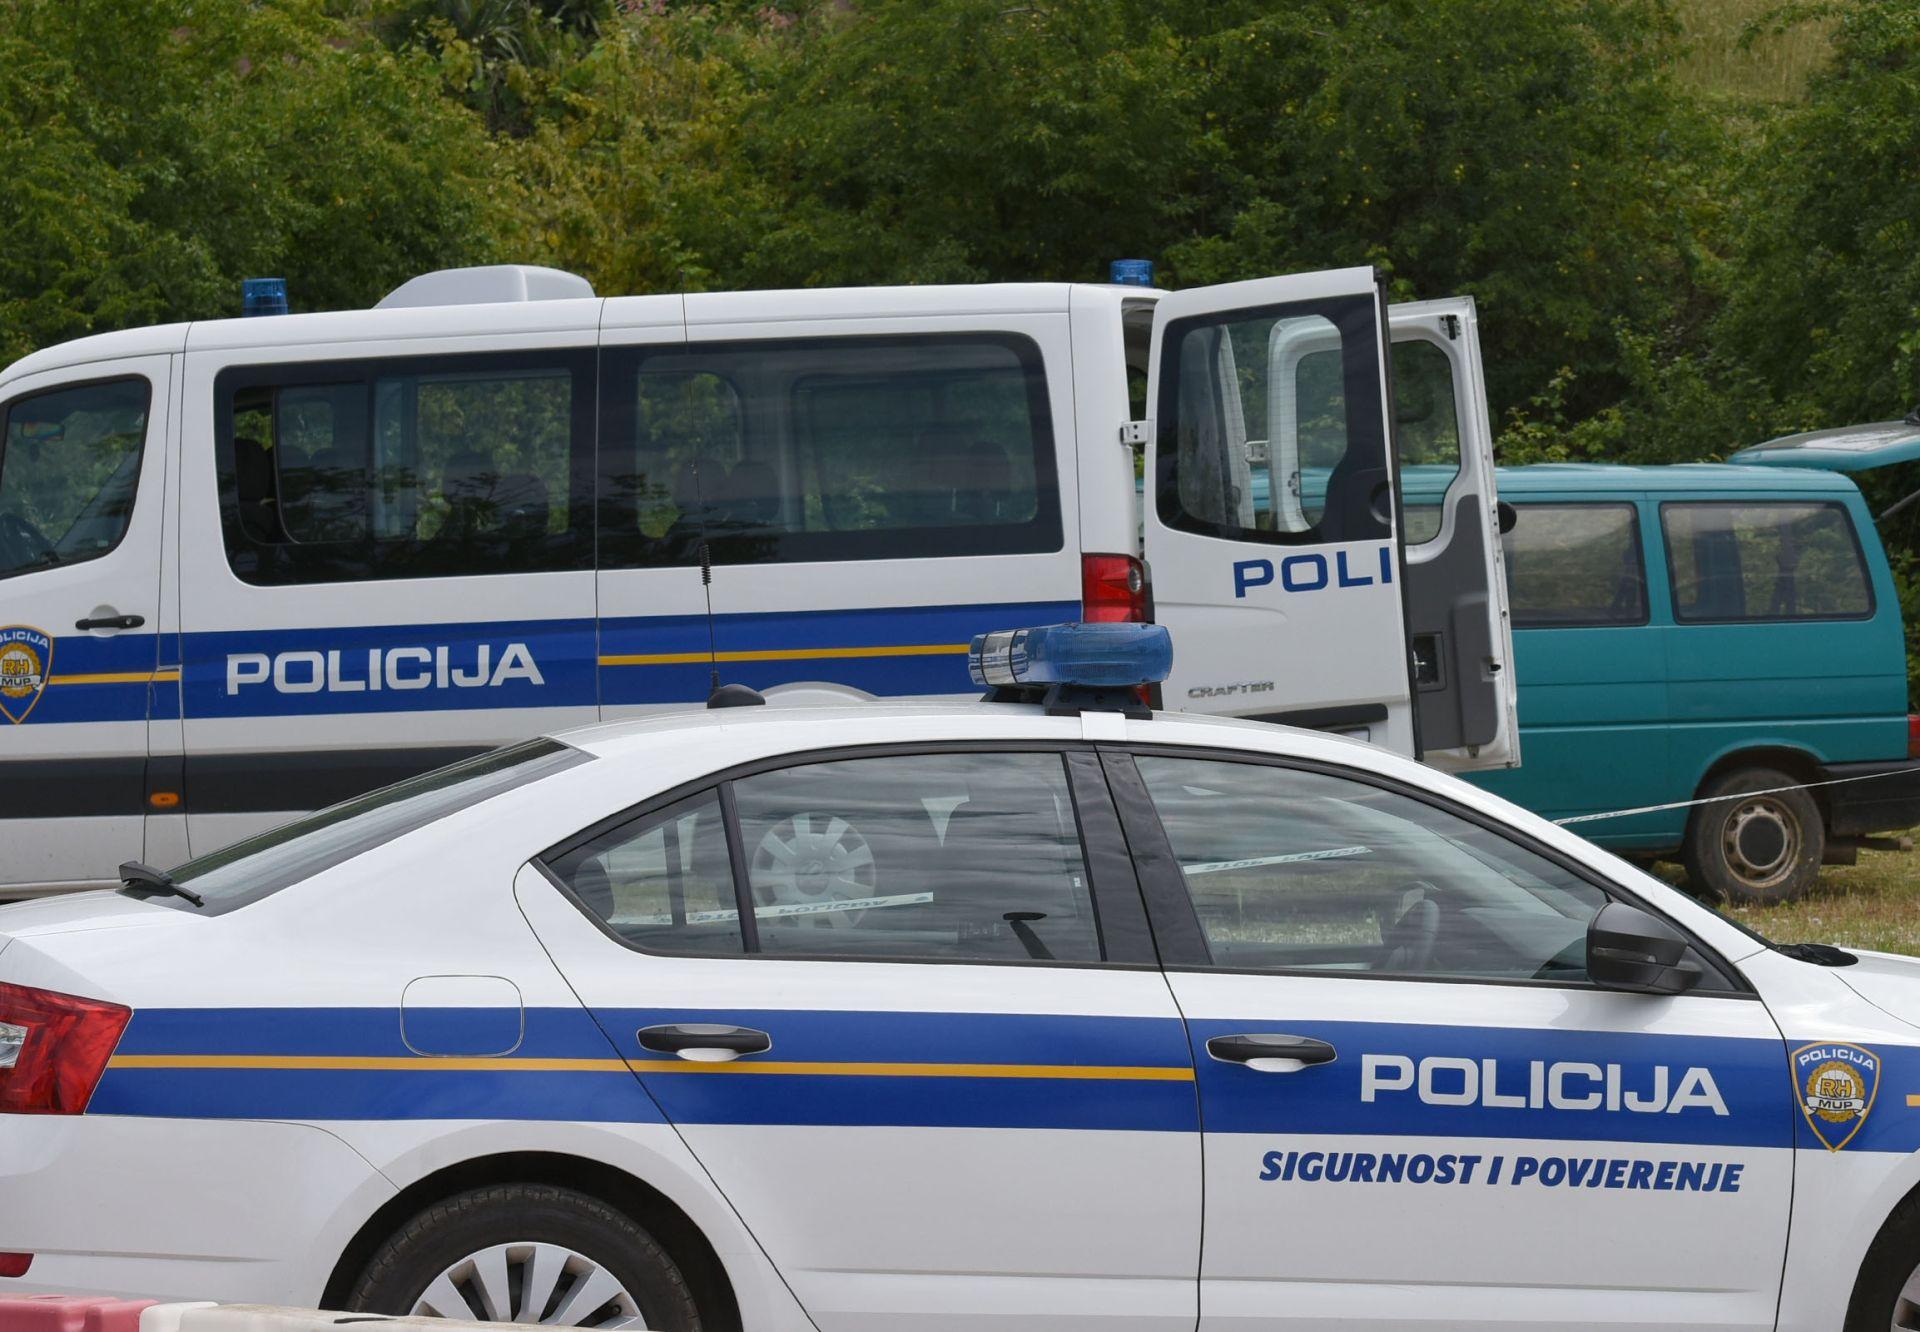 SUMNJA NA UBOJSTVO: U selu pored Bjelovara pronađen mrtav muškarac